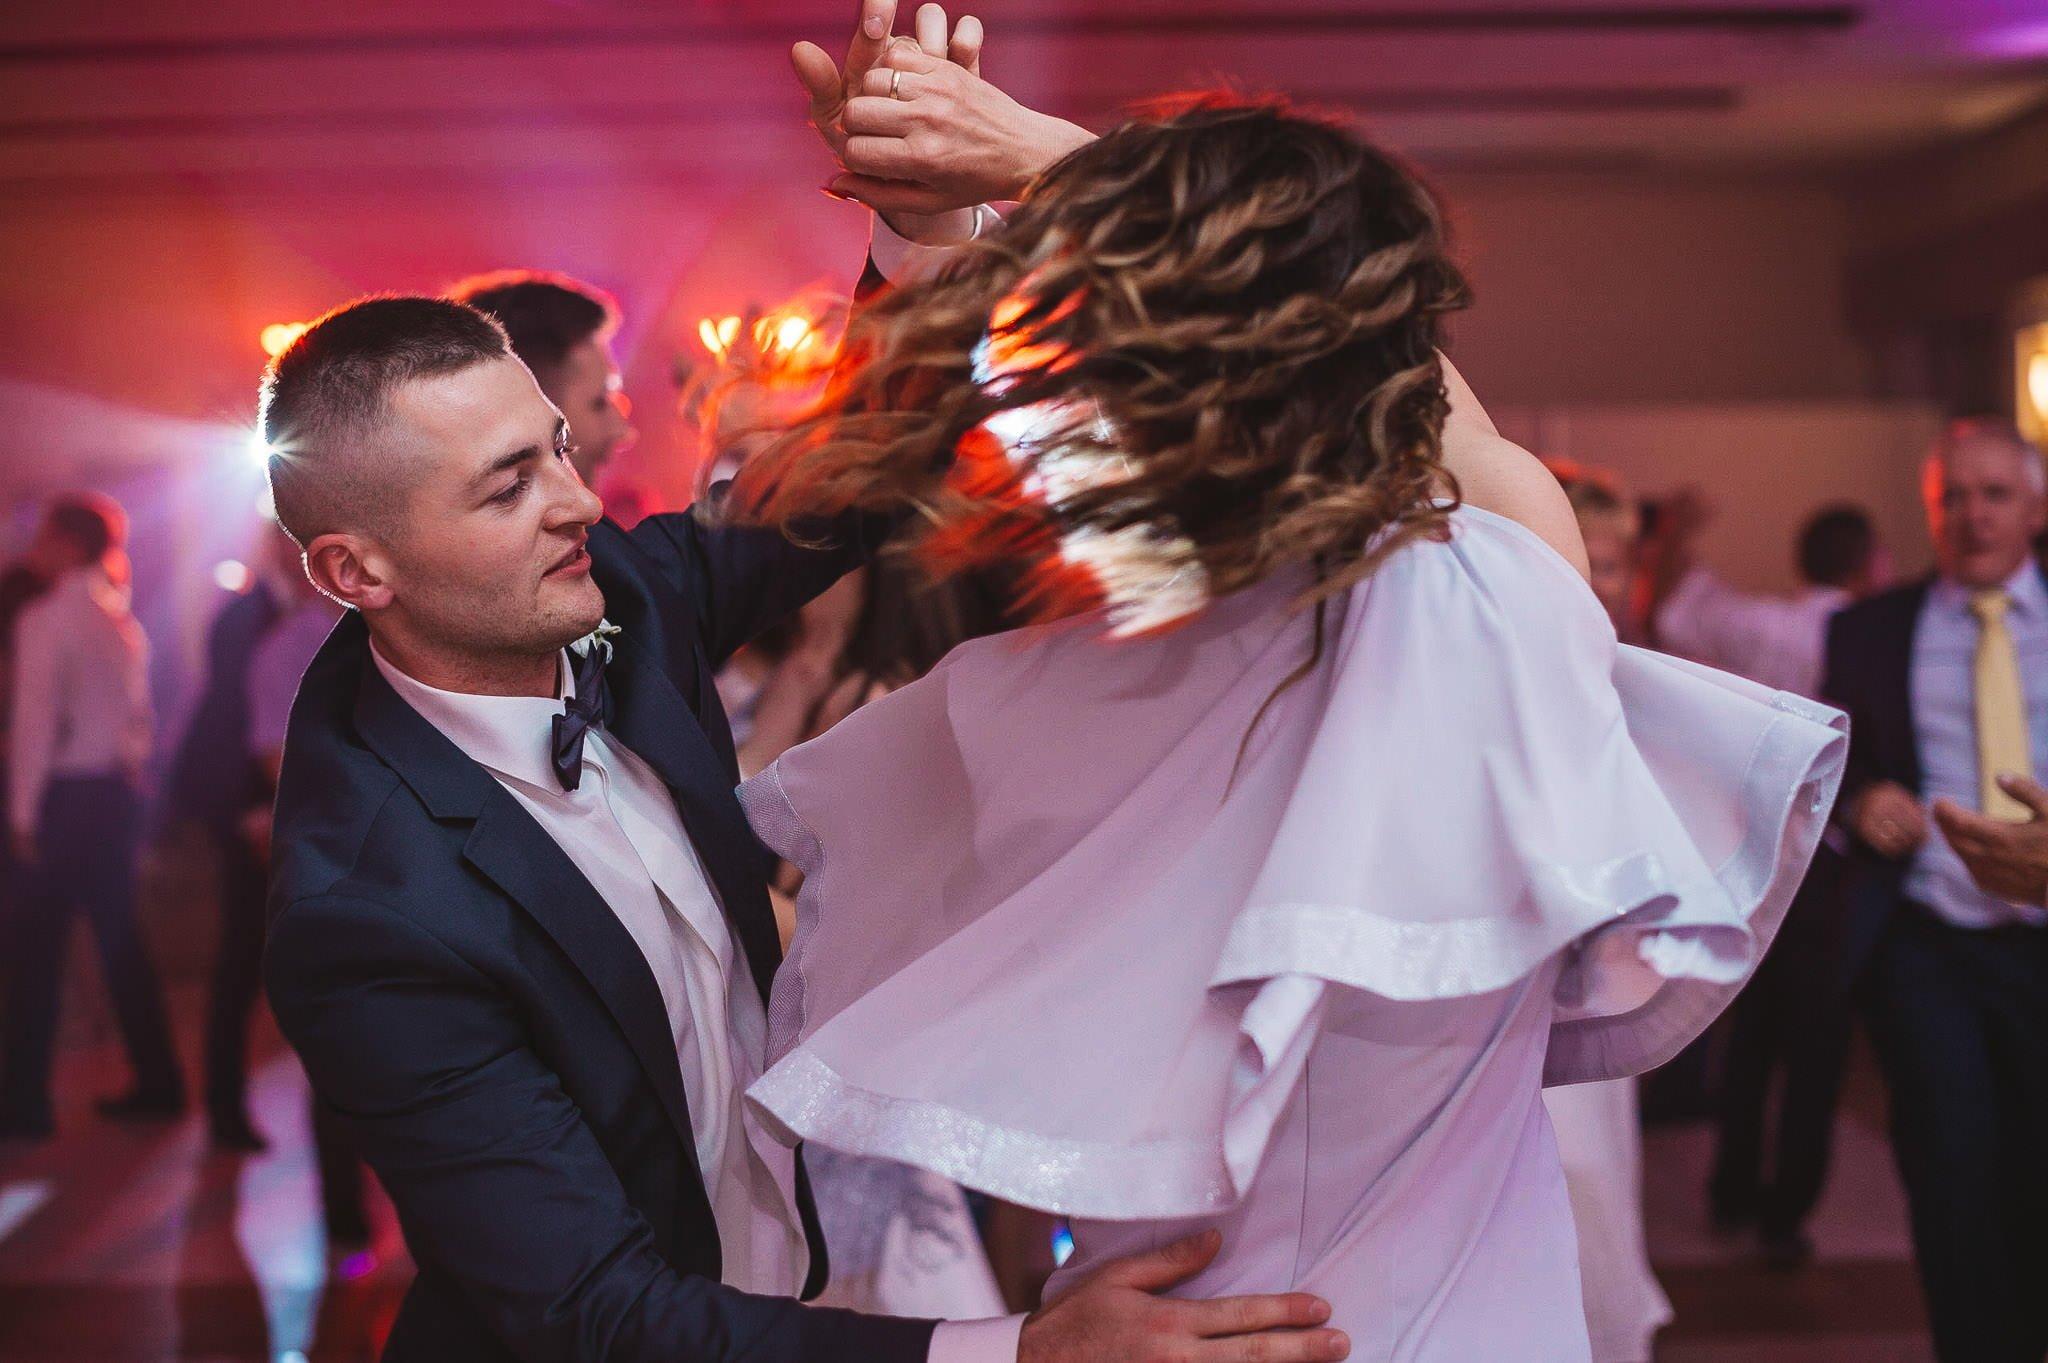 Monika i Michał, wesele w Paryżu i sesja plenerowa w stadninie koni w Czołowie 250